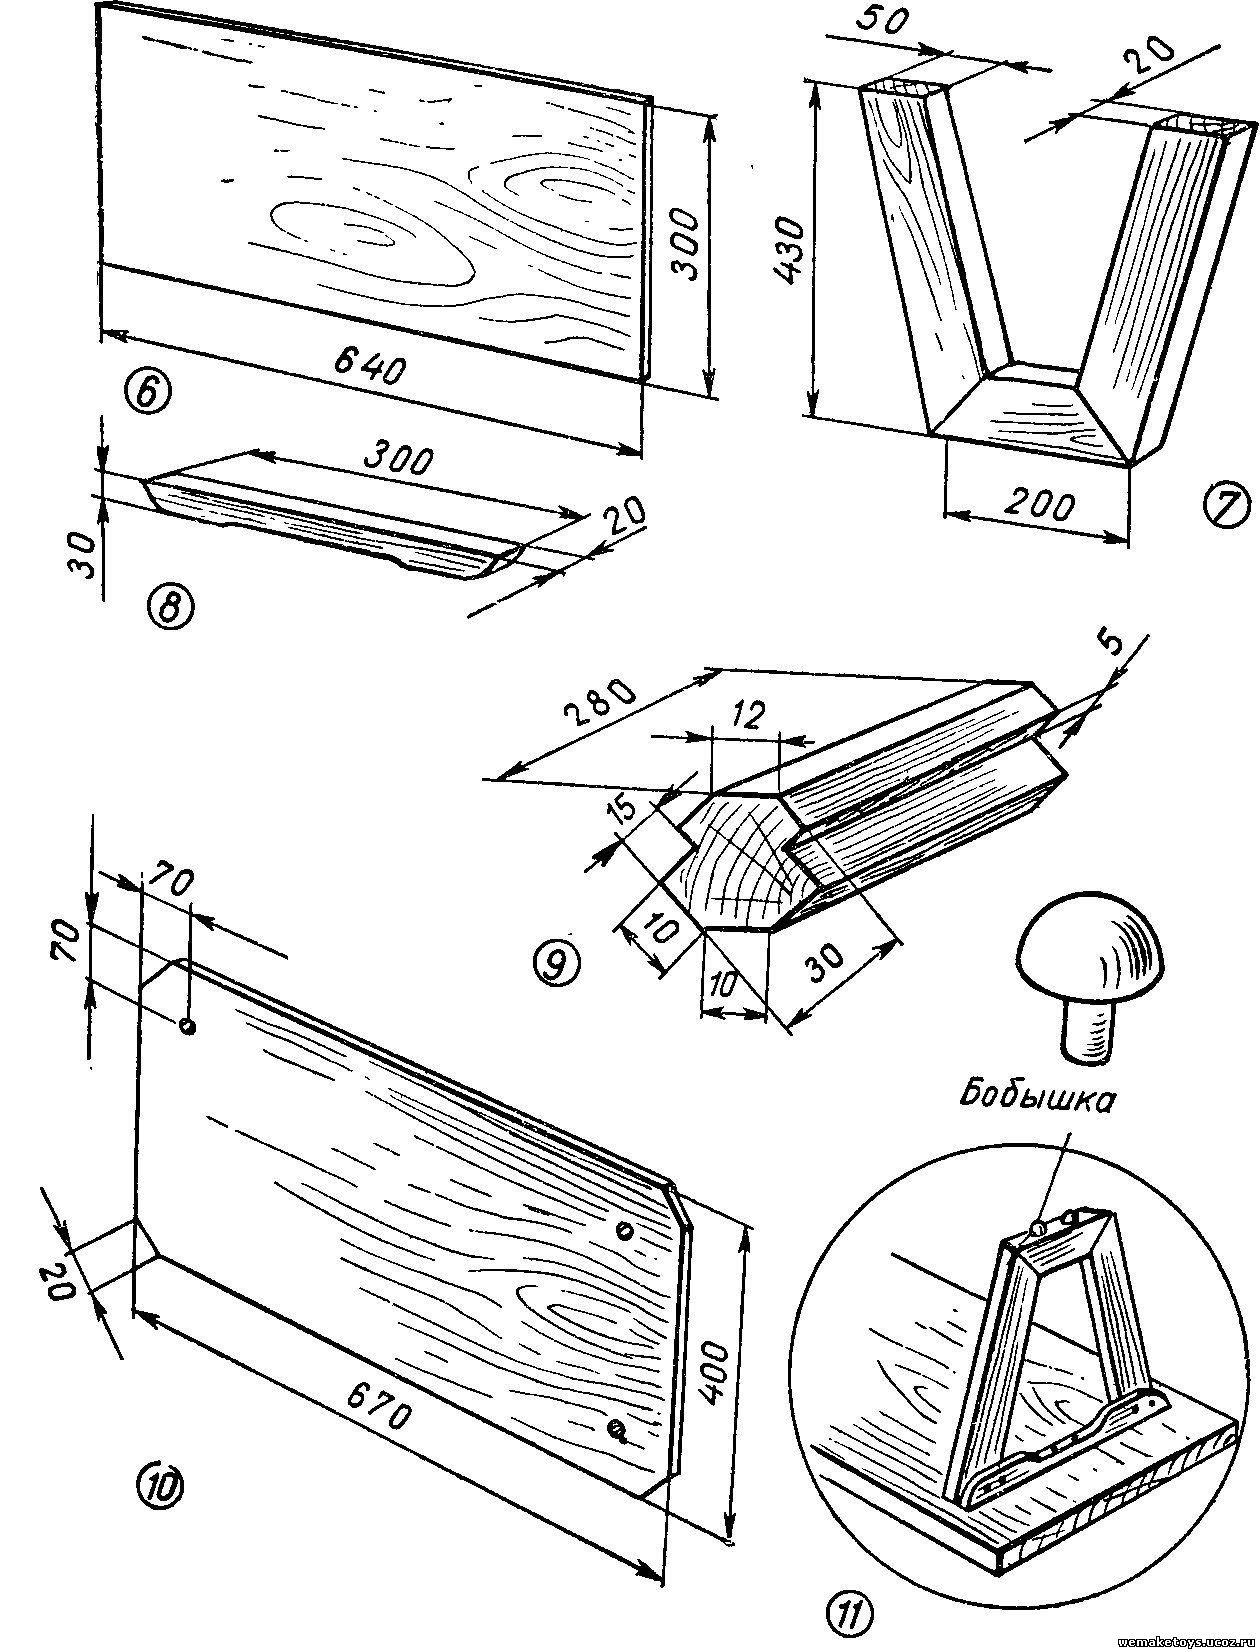 Ящик для инструмента - 4 варианта изготовления 99